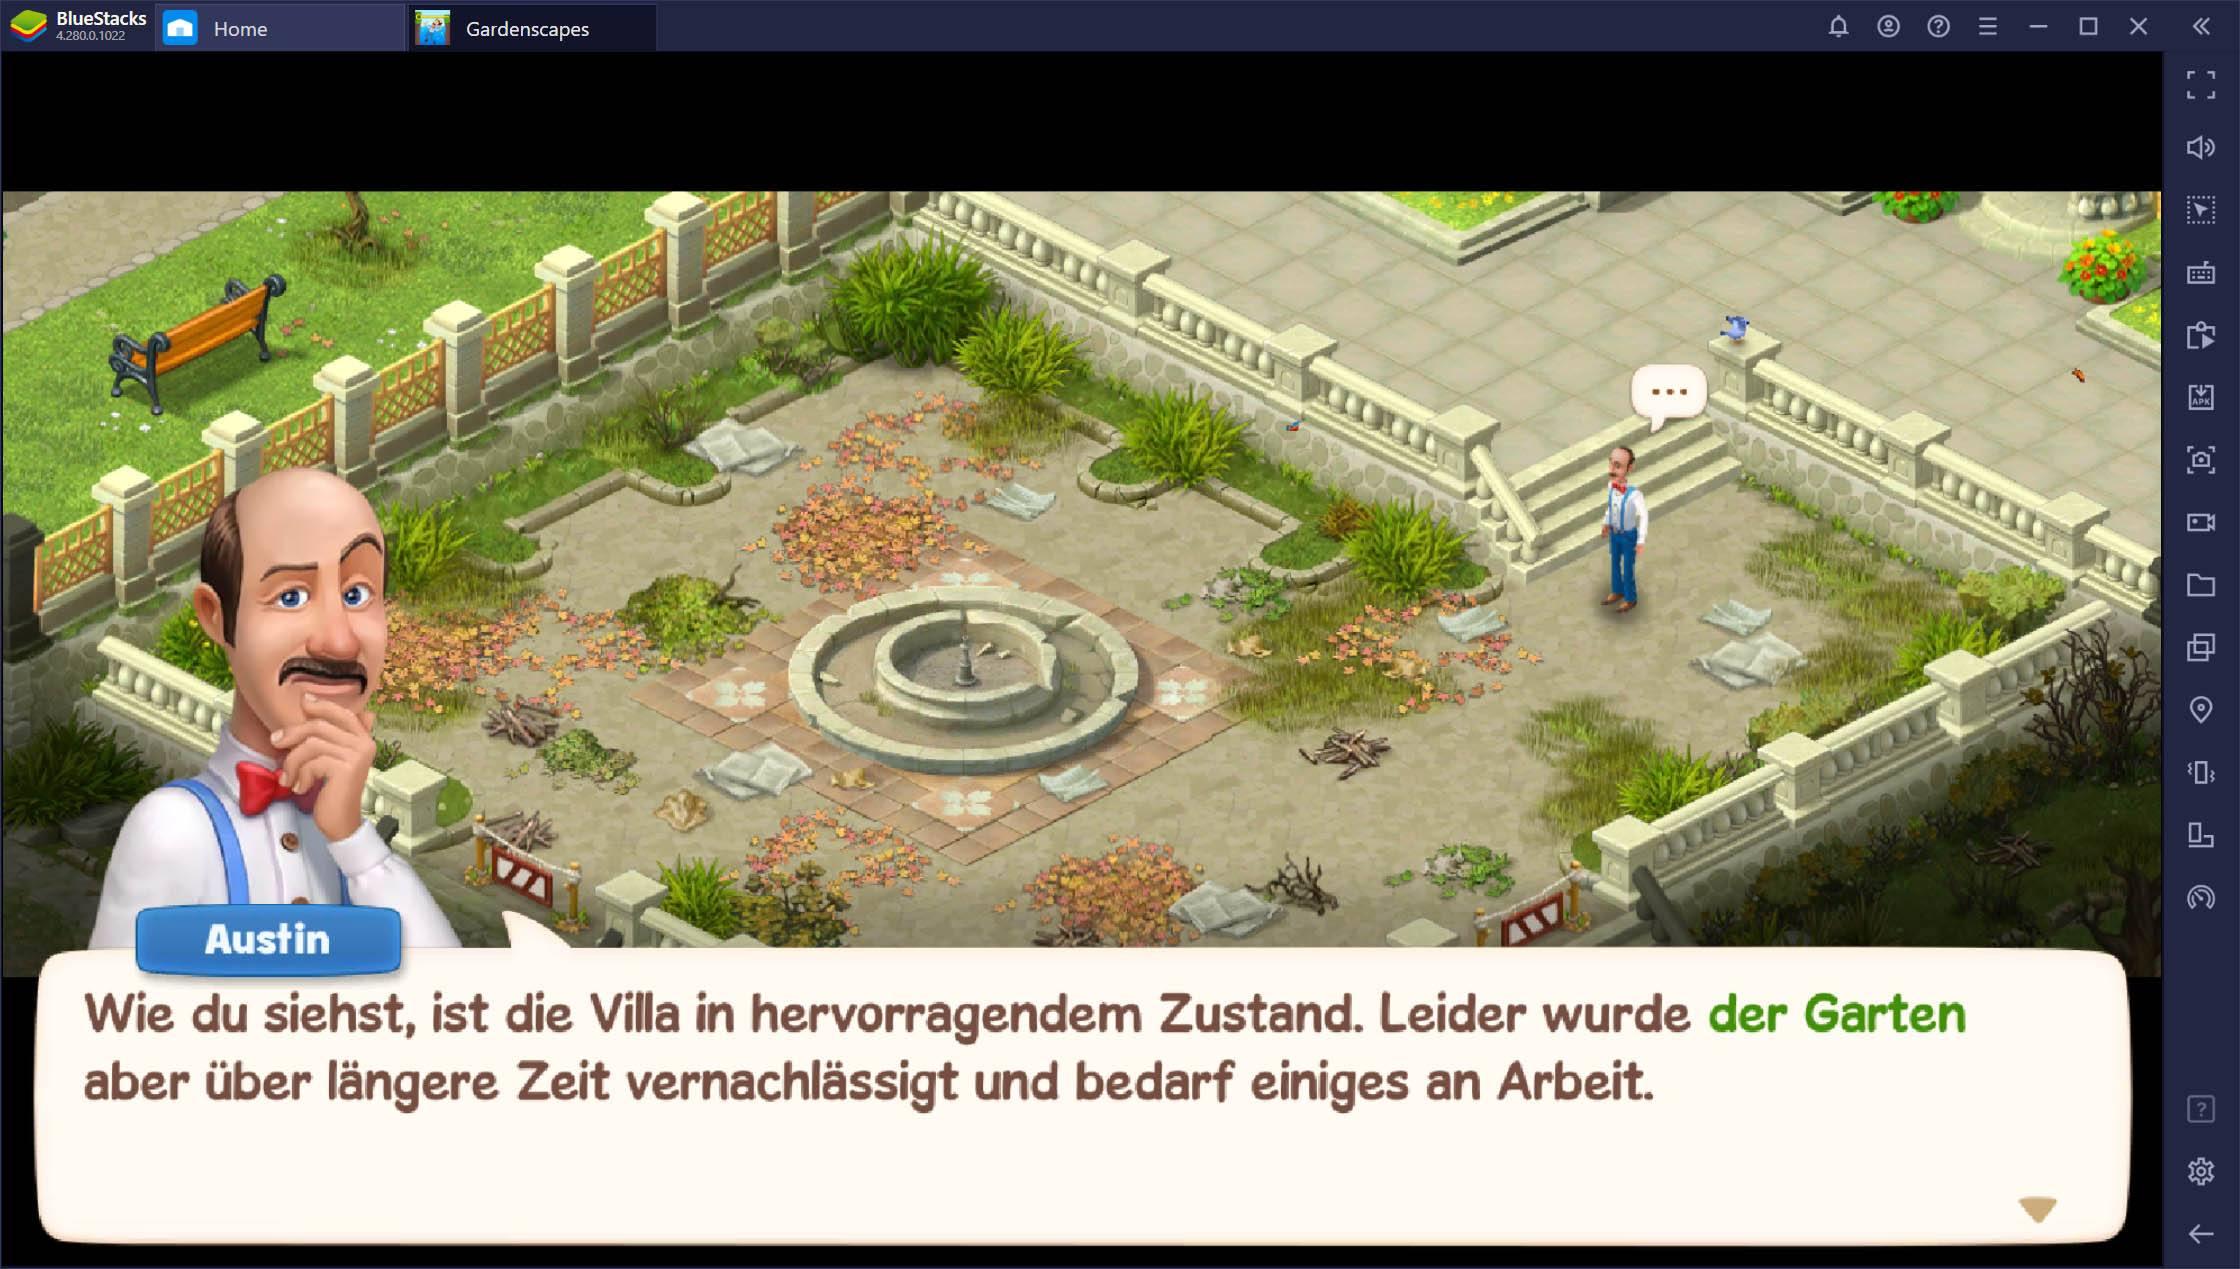 So spielst du Gardenscapes auf dem PC mit BlueStacks